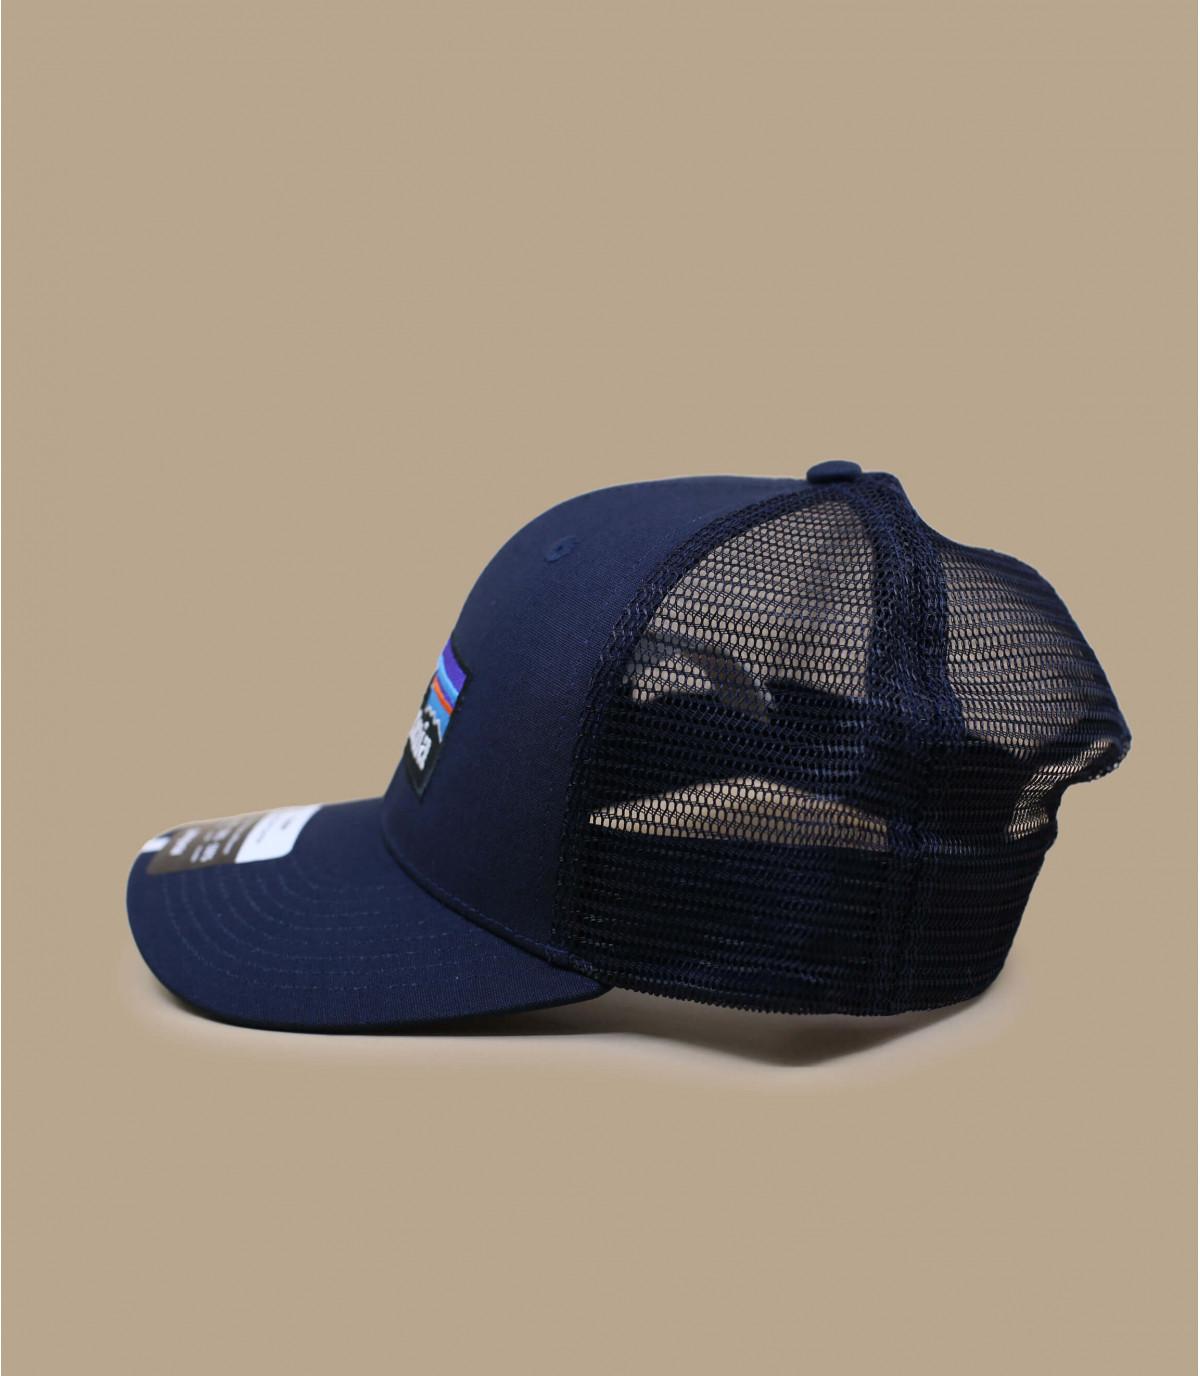 93c9c933b79 blauw gebogen vizier cap. blauw gebogen vizier cap · Patagonia P6 logo  trucker hat navy blue. 30€ - Niet verkrijgbaar